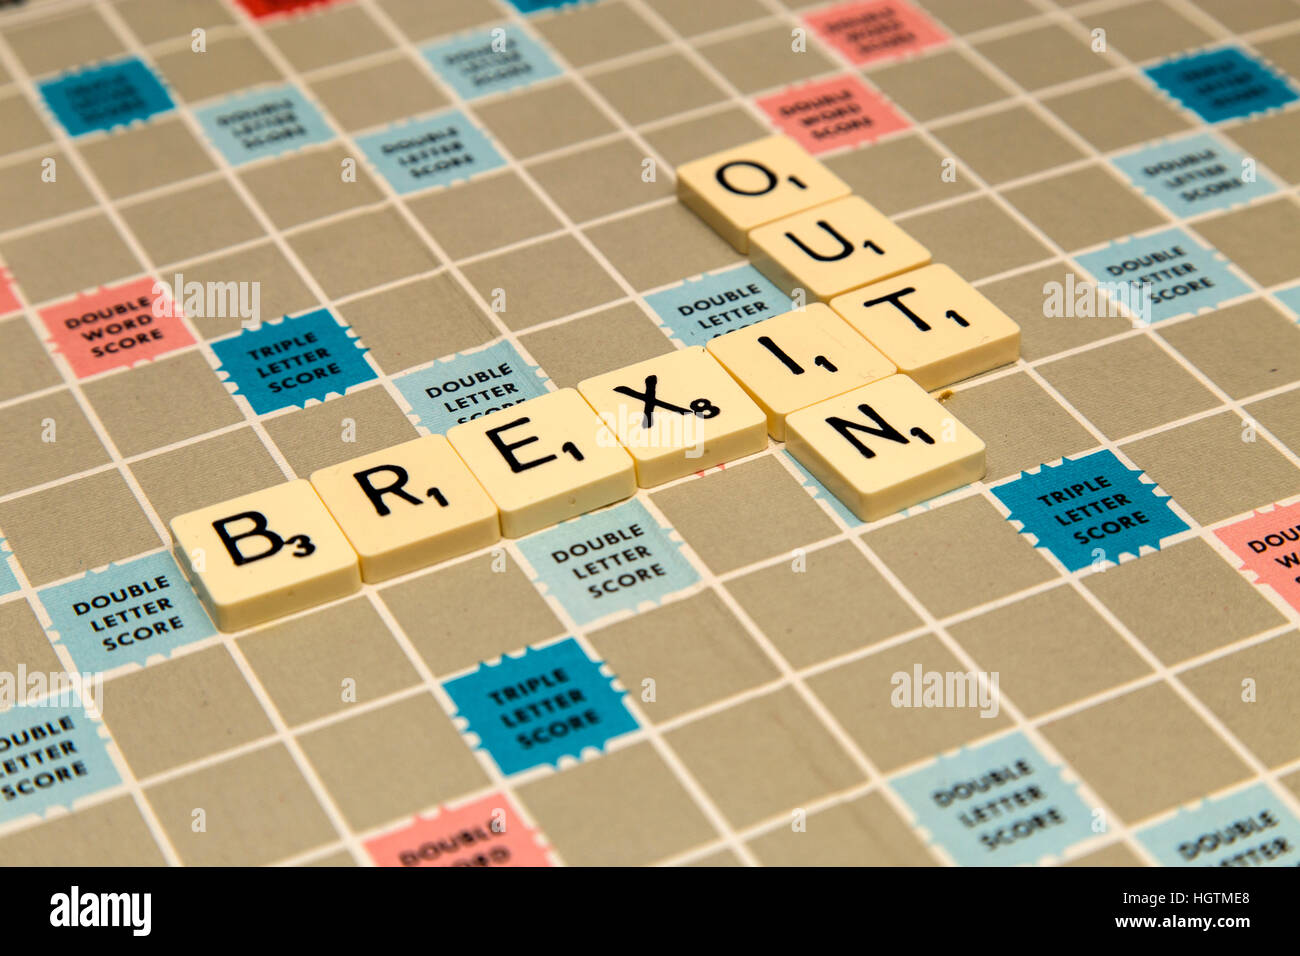 Scrabble letras deletrear Brexit cartas, adentro o afuera? Imagen De Stock